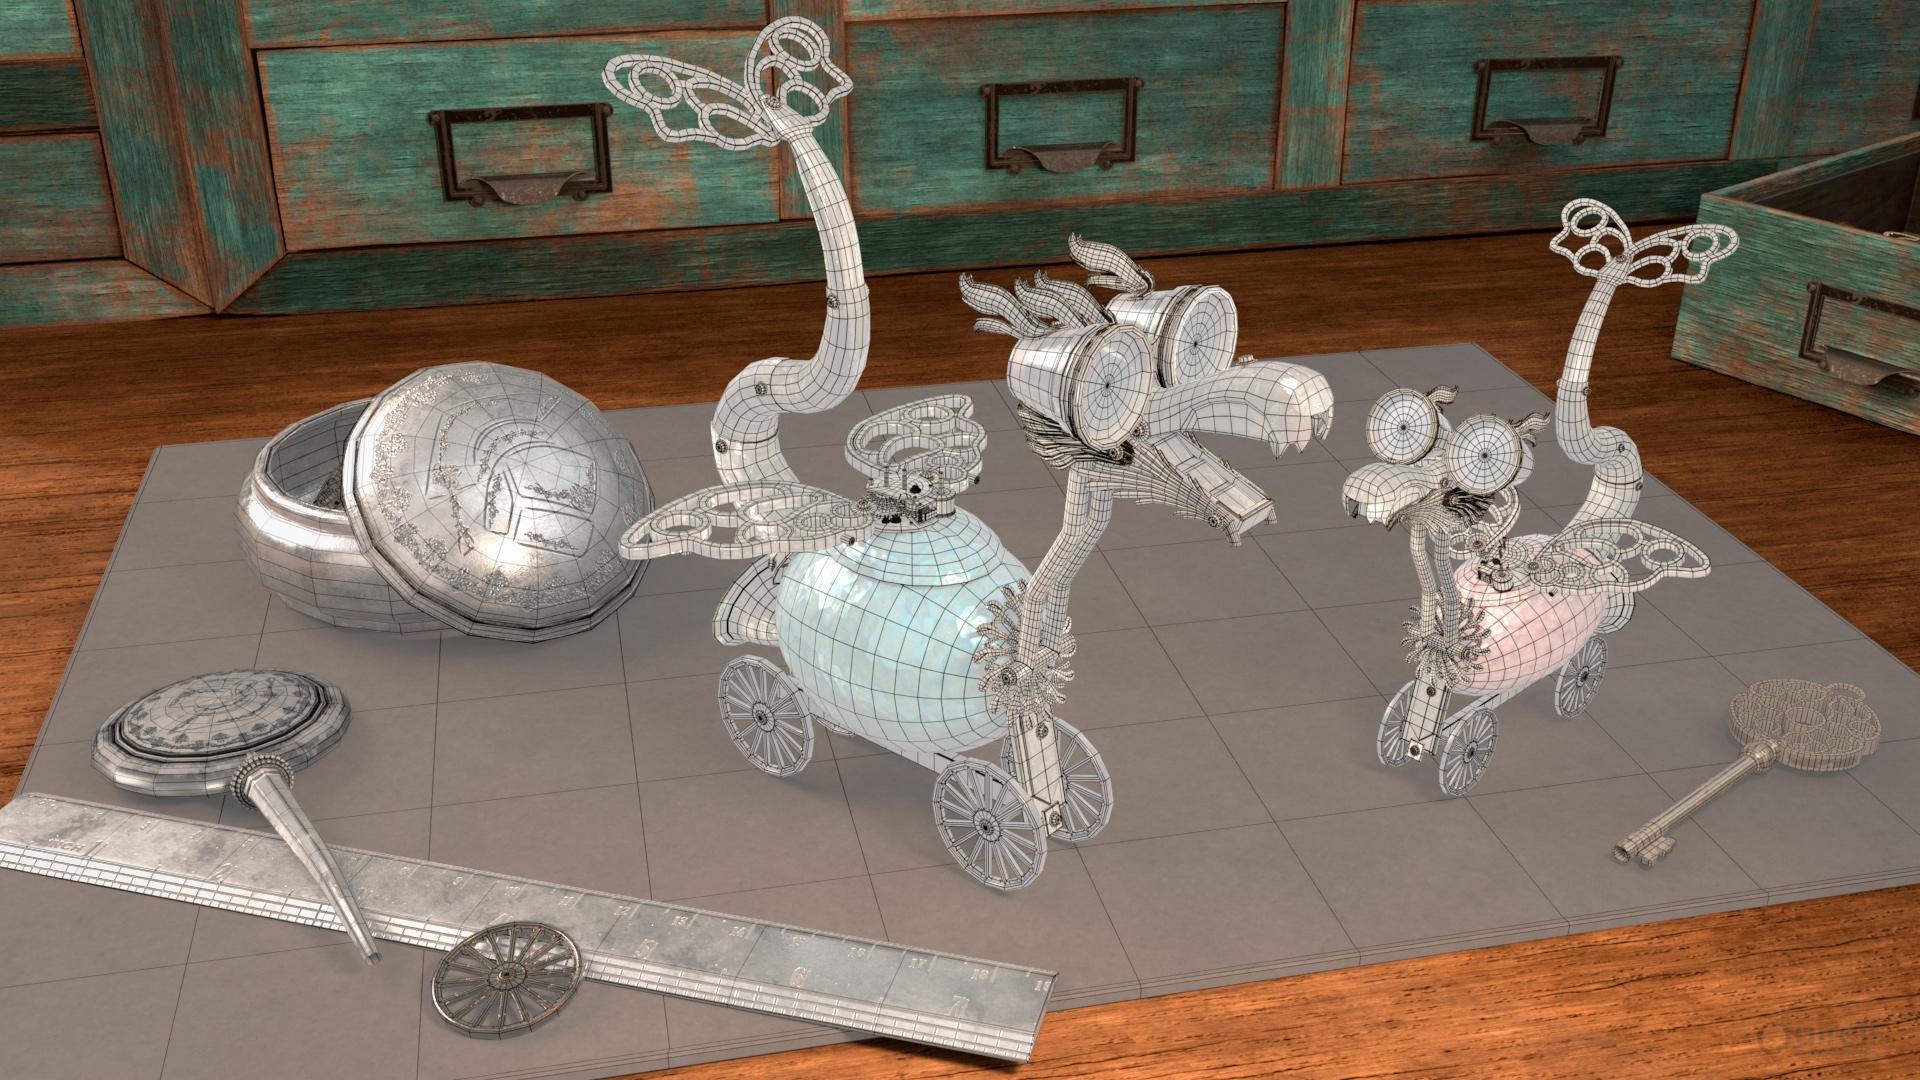 wire escenario de dragones de relojero